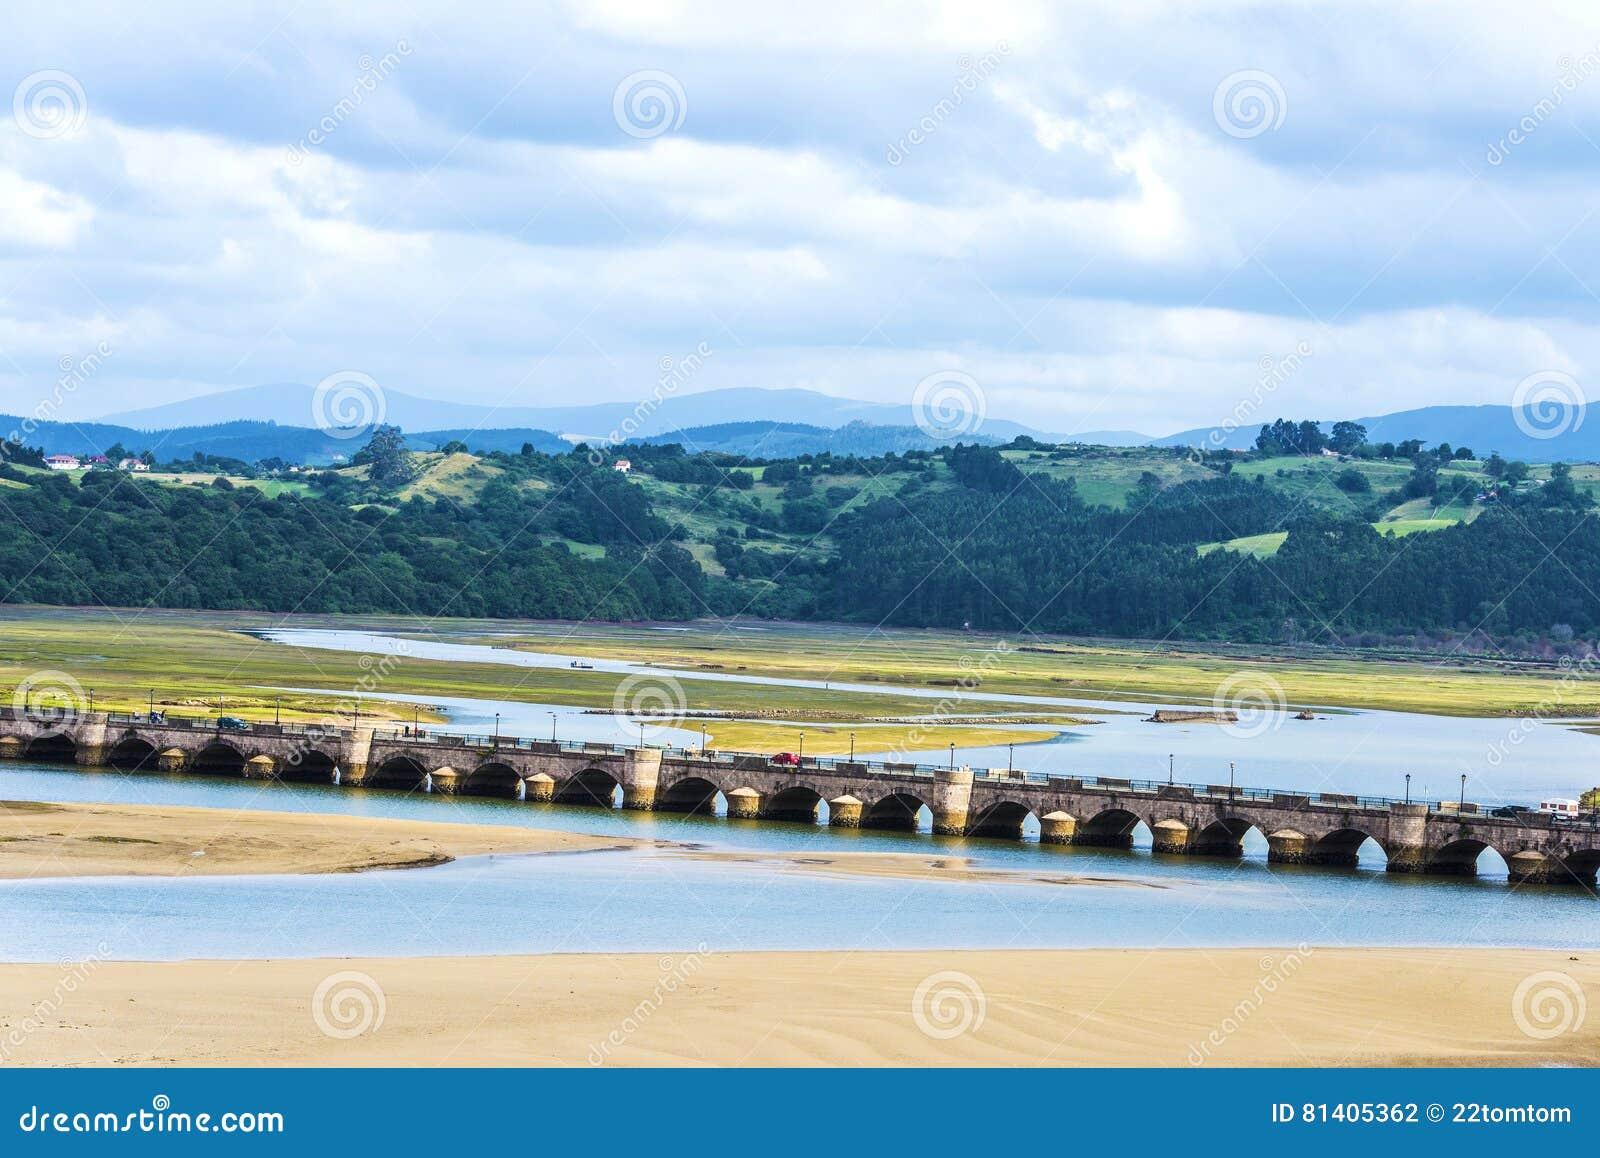 Puente viejo en San Vicente de la Barquera, España